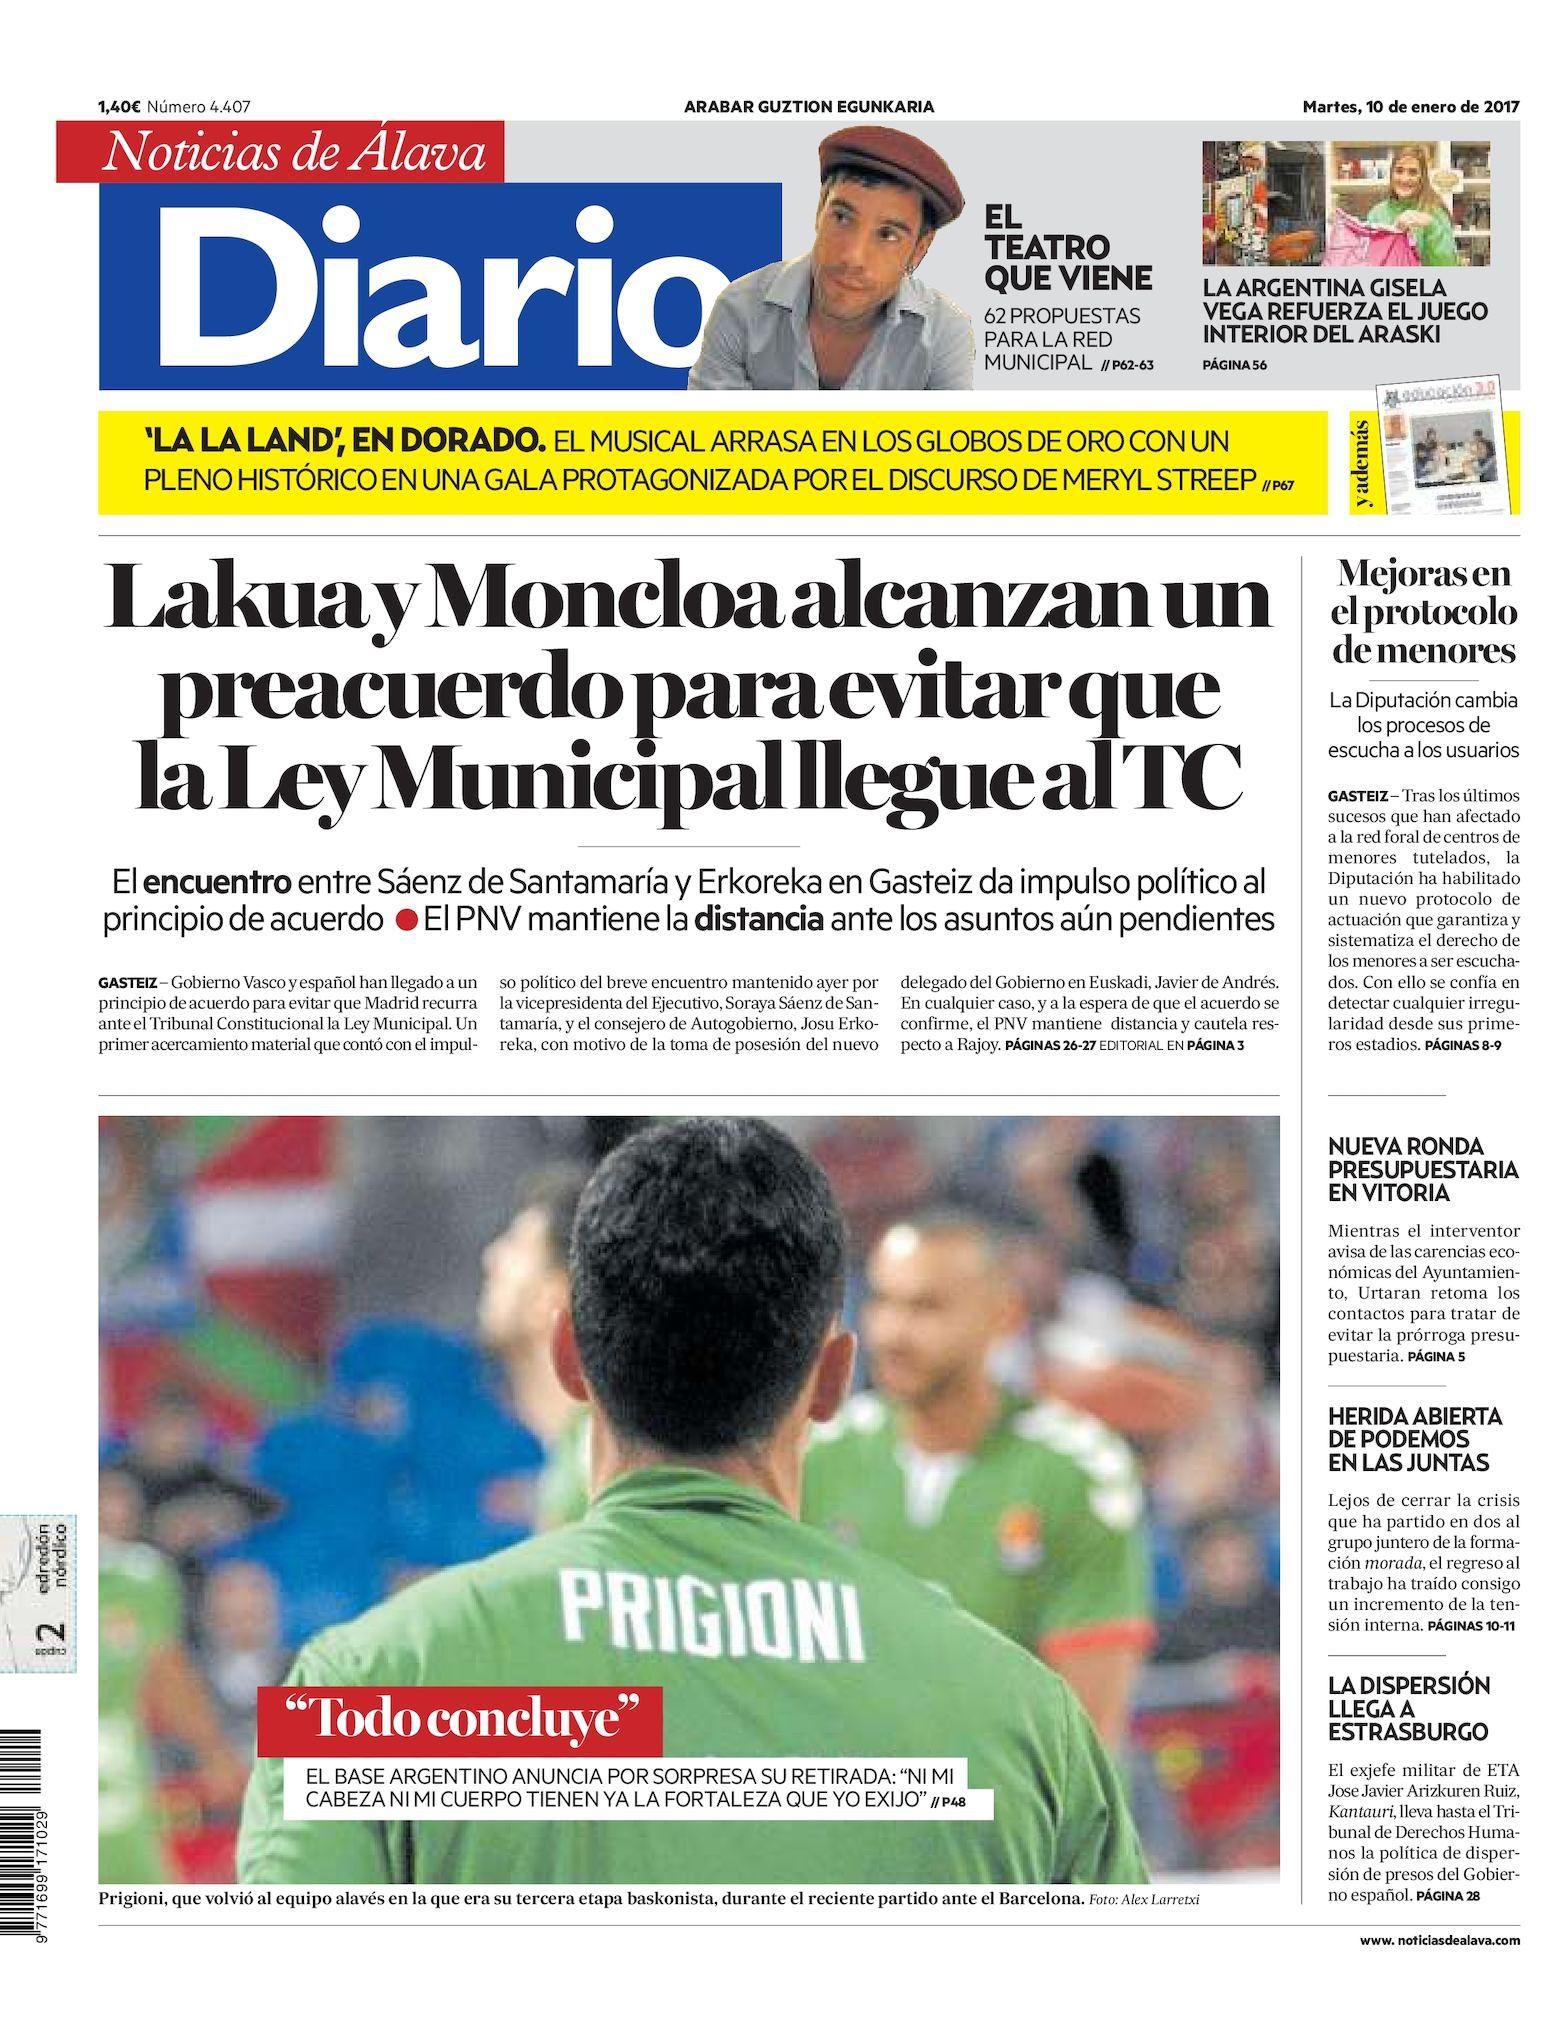 Calaméo - Diario de Noticias de Álava 20170110 5e0228aed418a